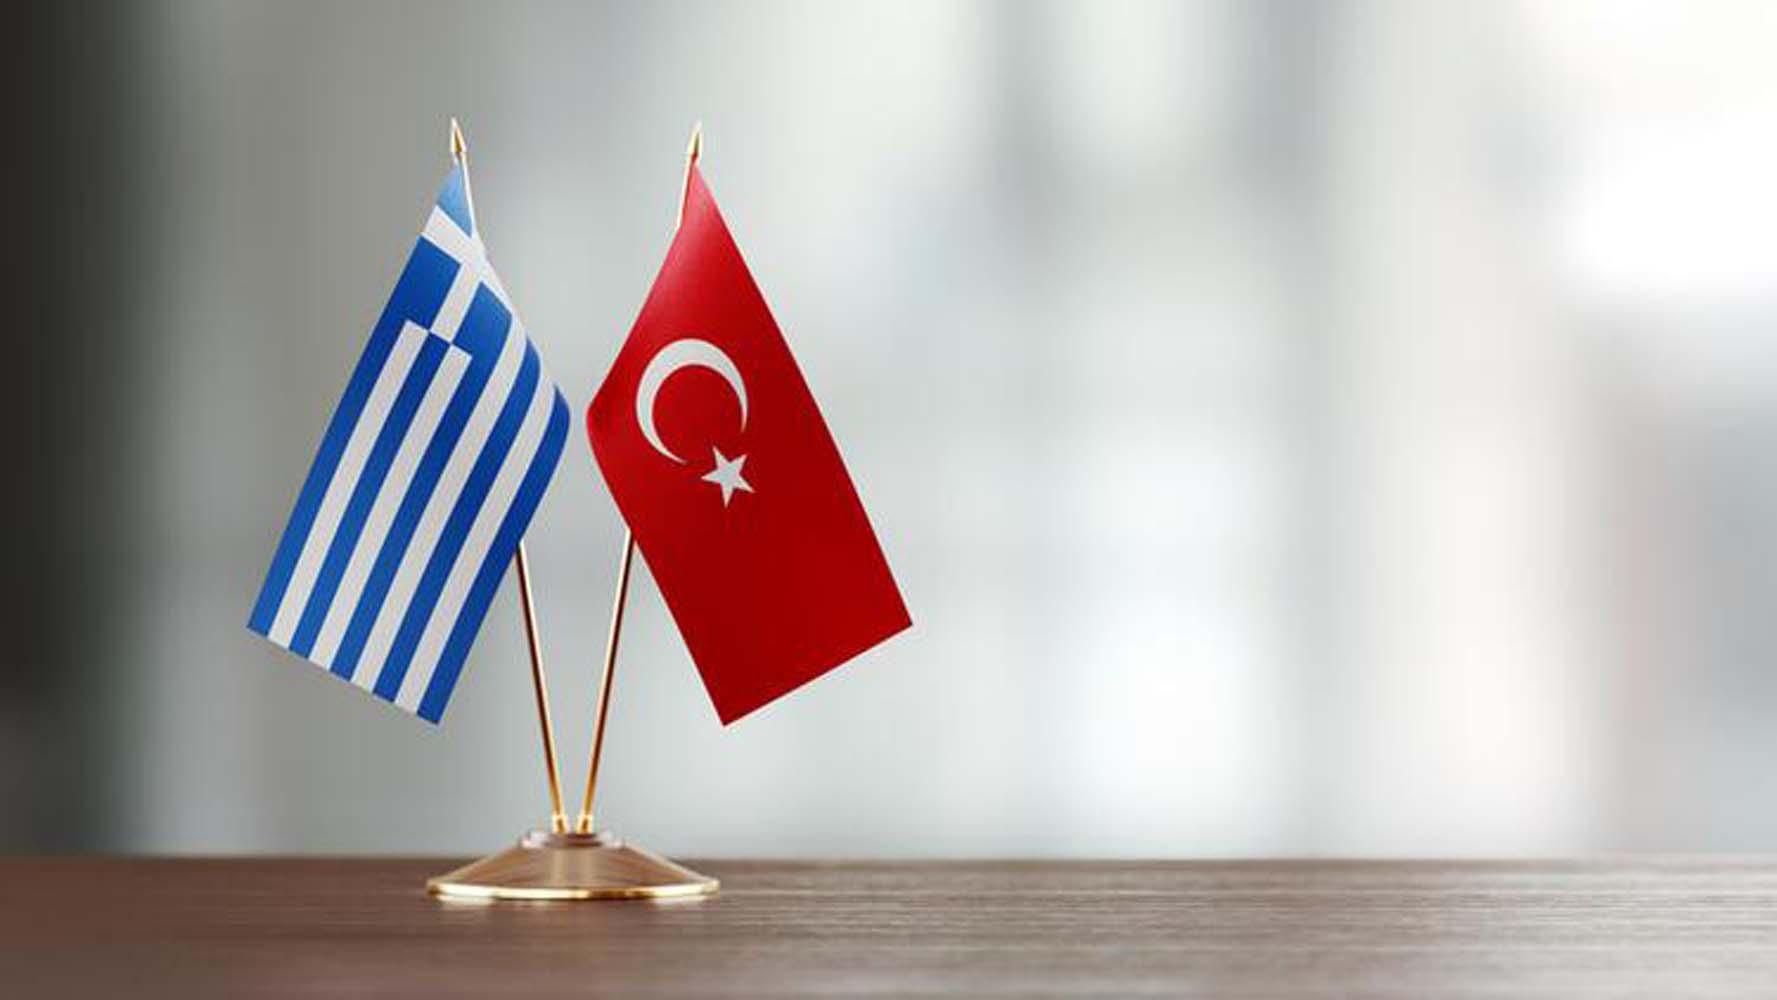 Ülkelerin birbirine nota vermesi ne demek, ne anlama gelir?   Türkiye'nin Yunanistan'a nota vermesi nedir?